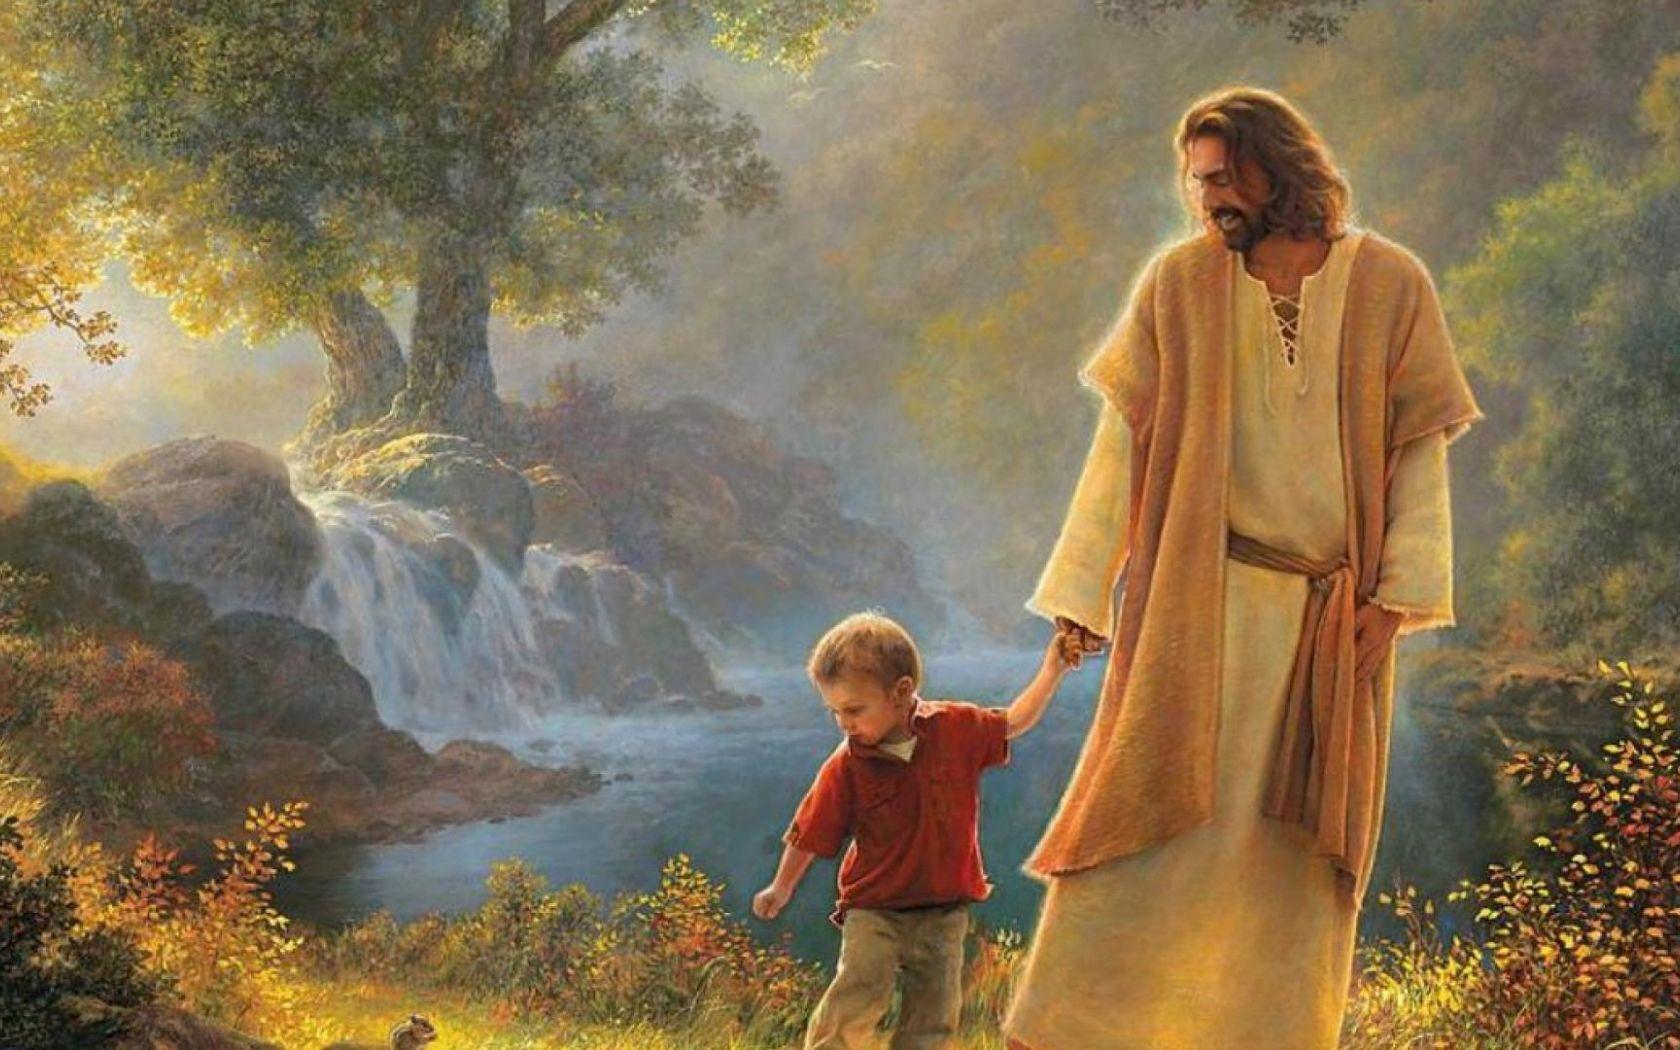 Wallpapers For Desktop Jesus